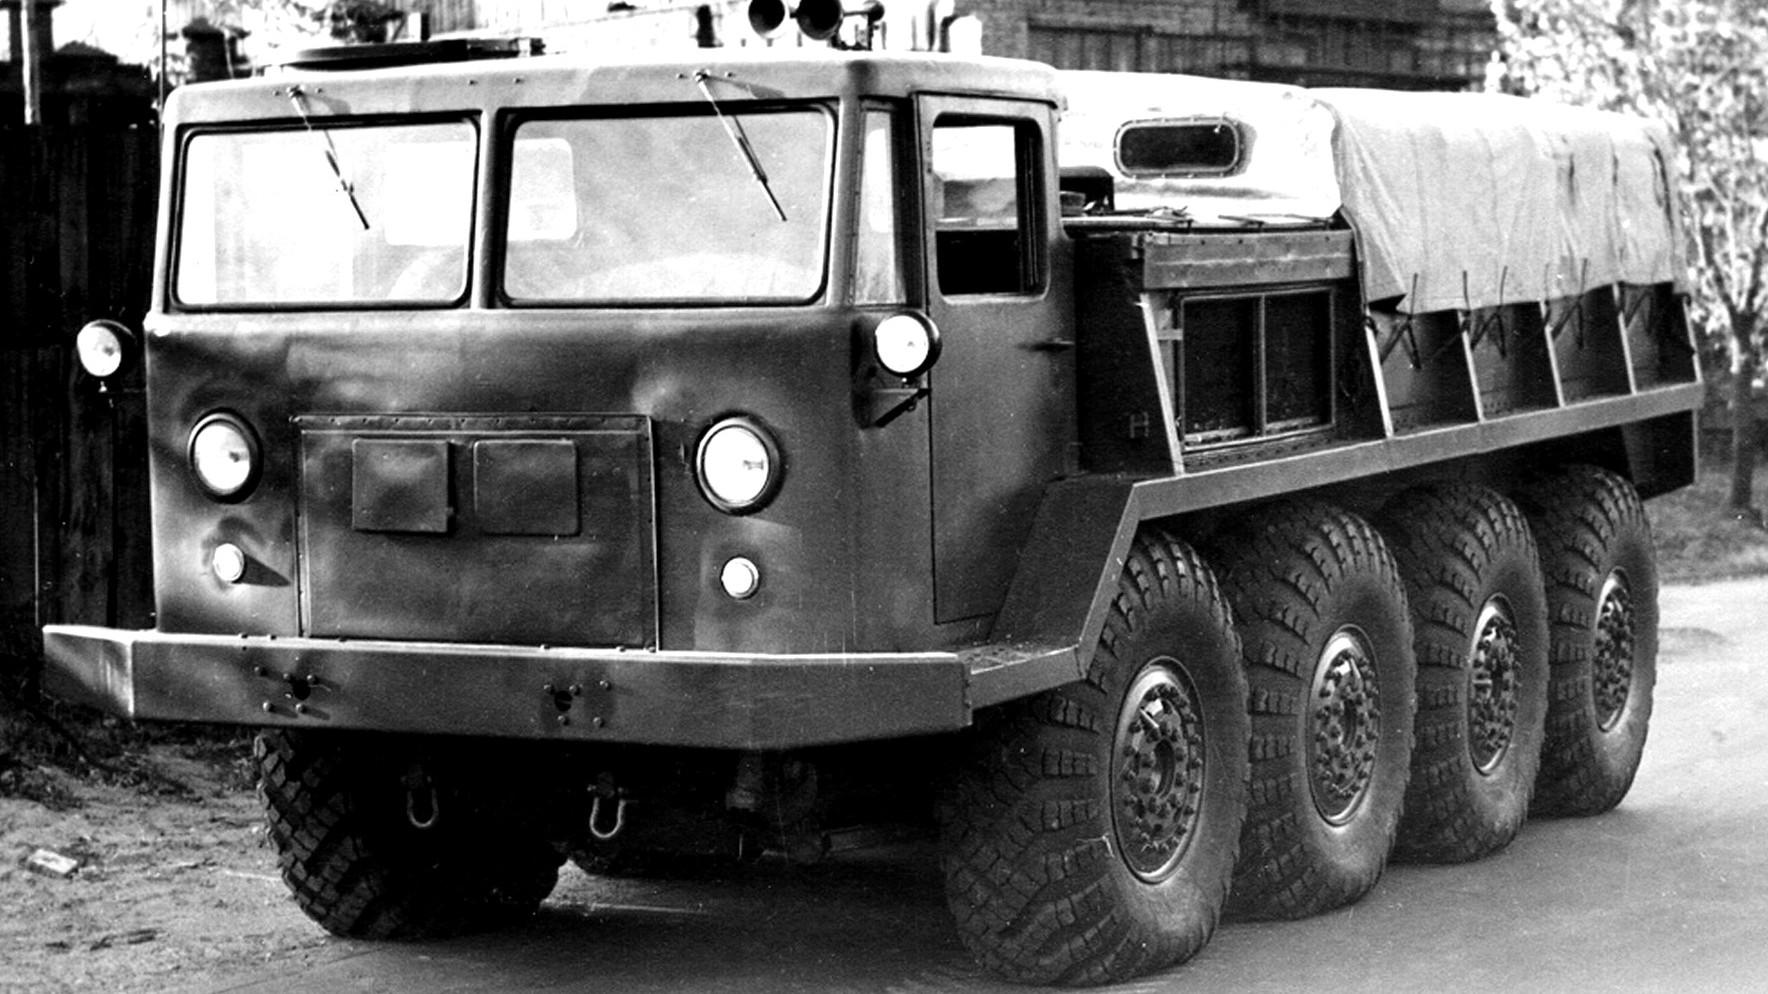 Бескапотный артиллерийский тягач ЗИЛ-134 (АТК-6) с мотором V12. 1957 год